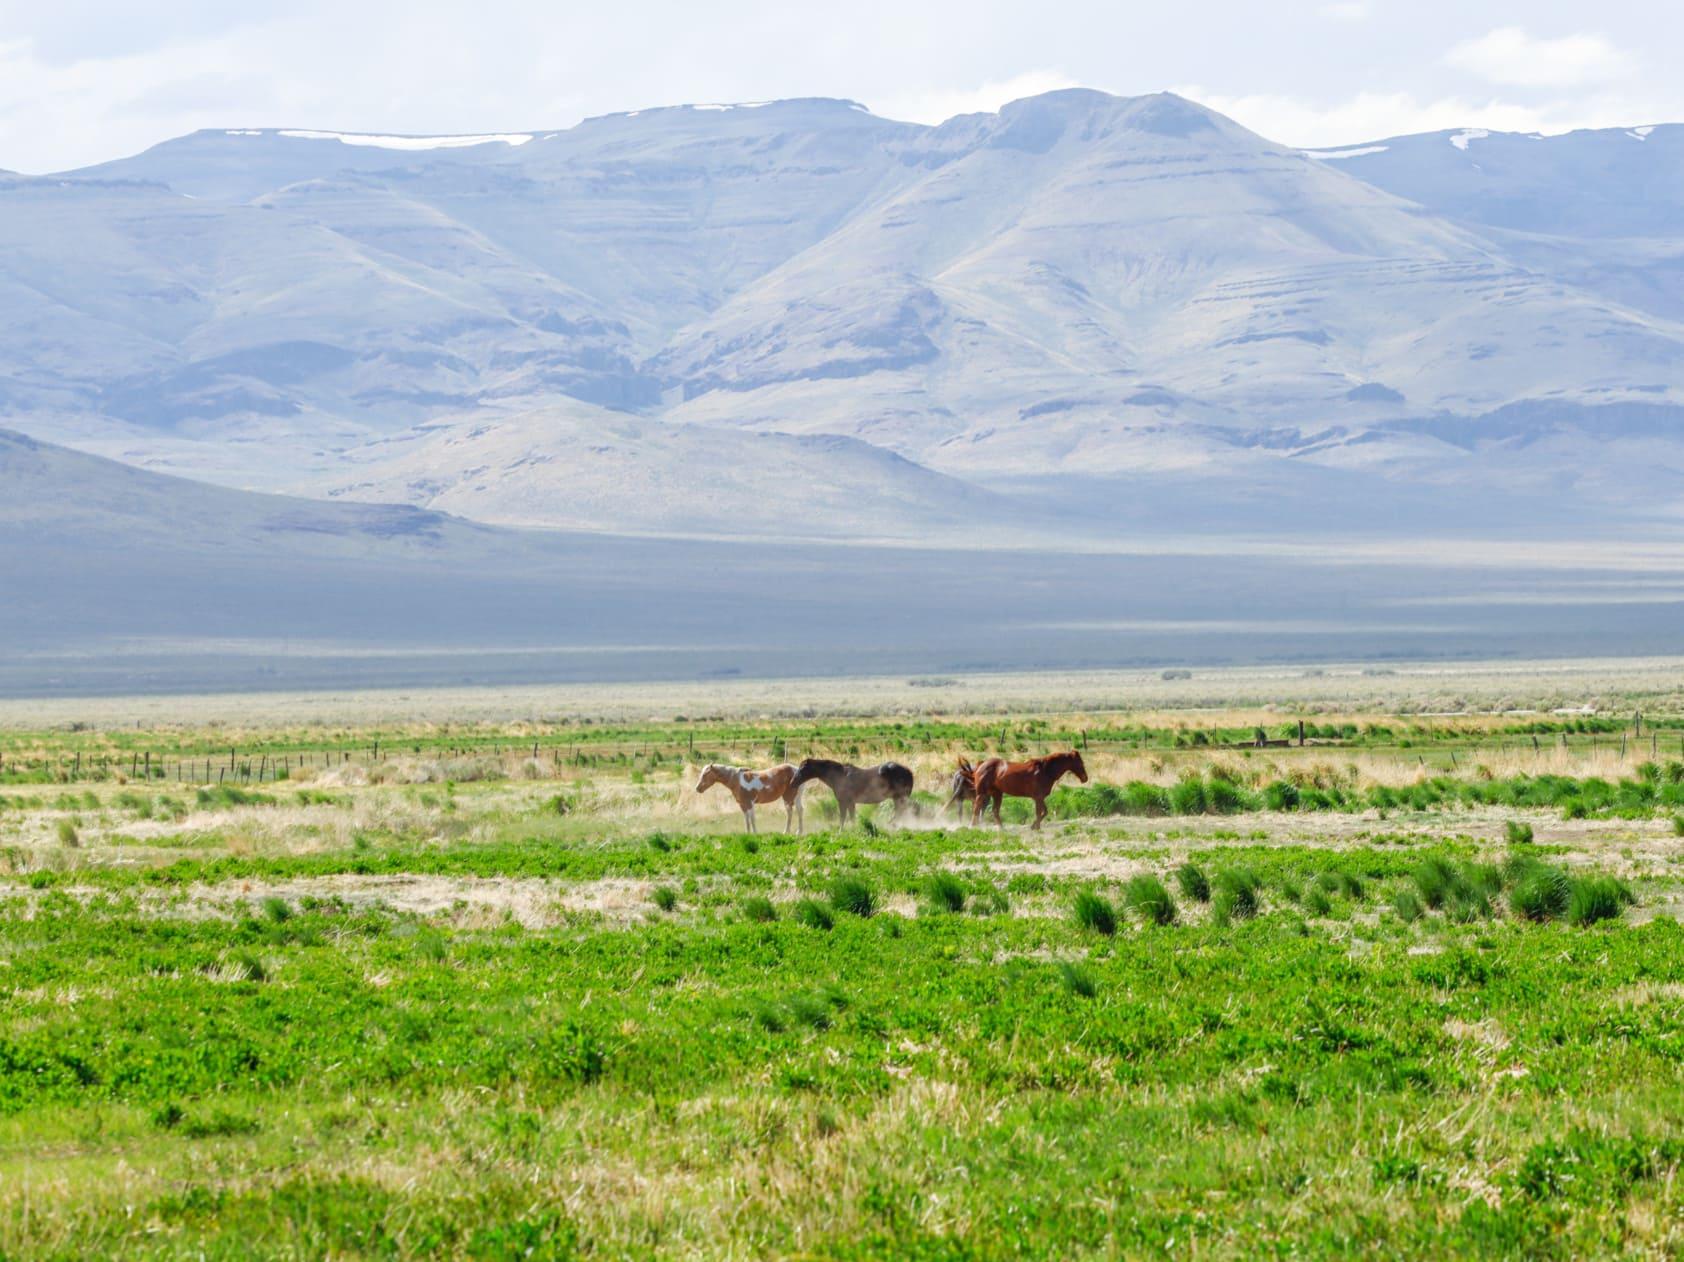 horses grazeland blm oregon lucky 7 ranch